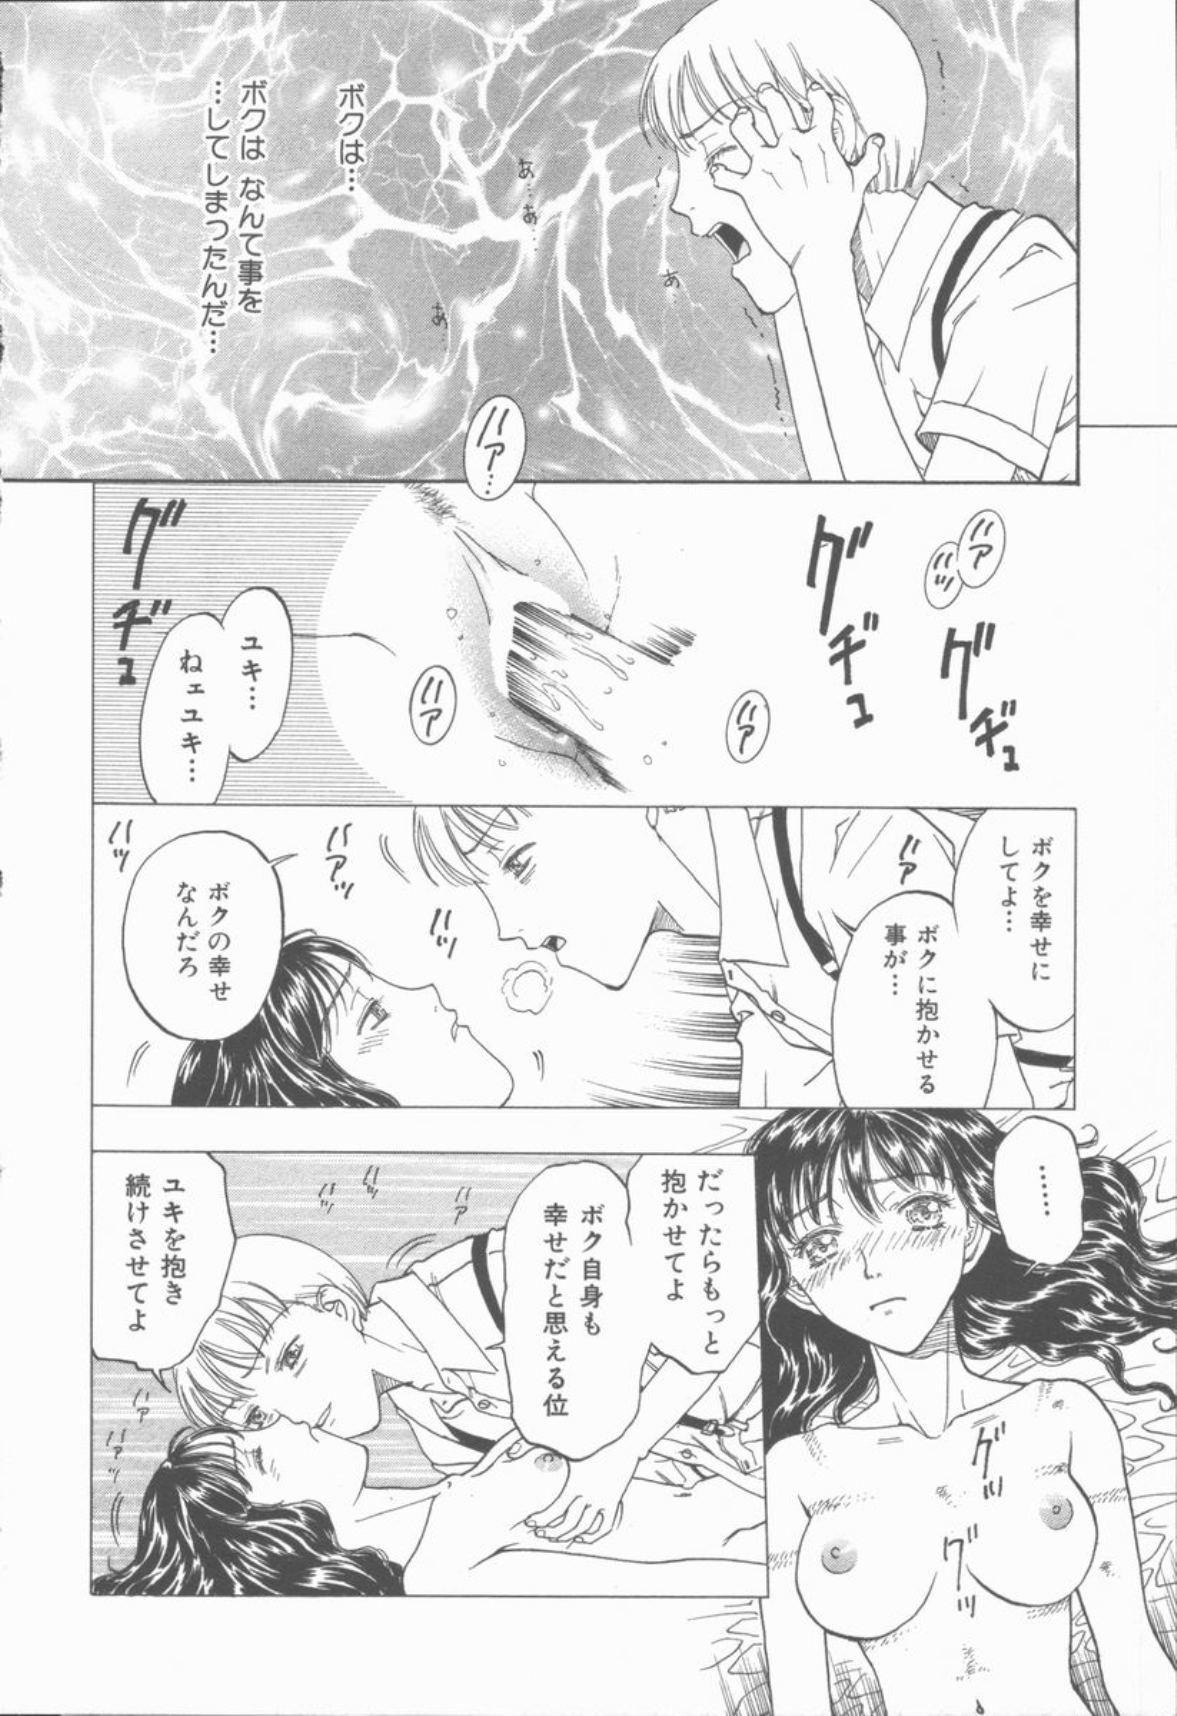 Inma no Sumu Yakata 154